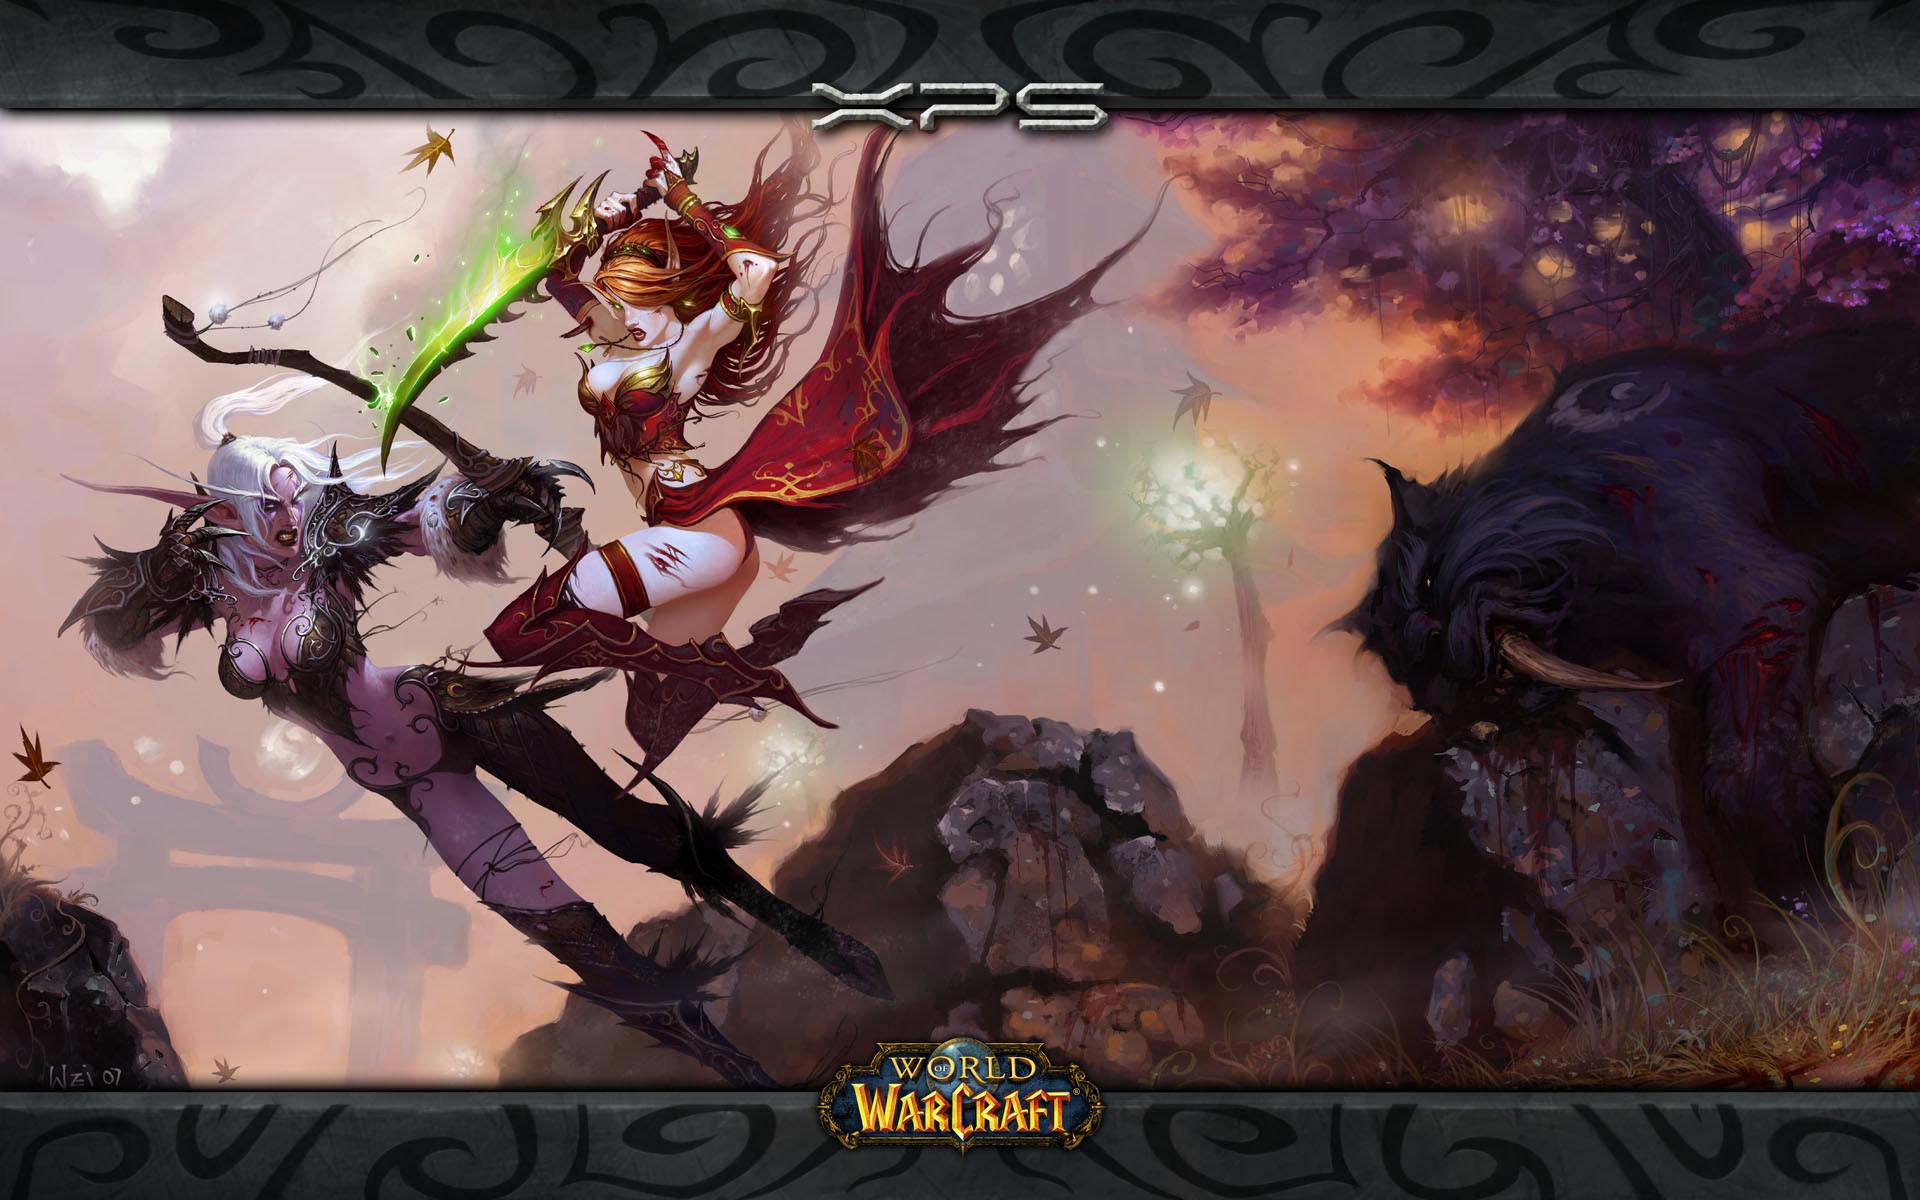 Sexy Elven Girls Wallpaper | Epic Blood Elf vs Night Elf Wallpapers